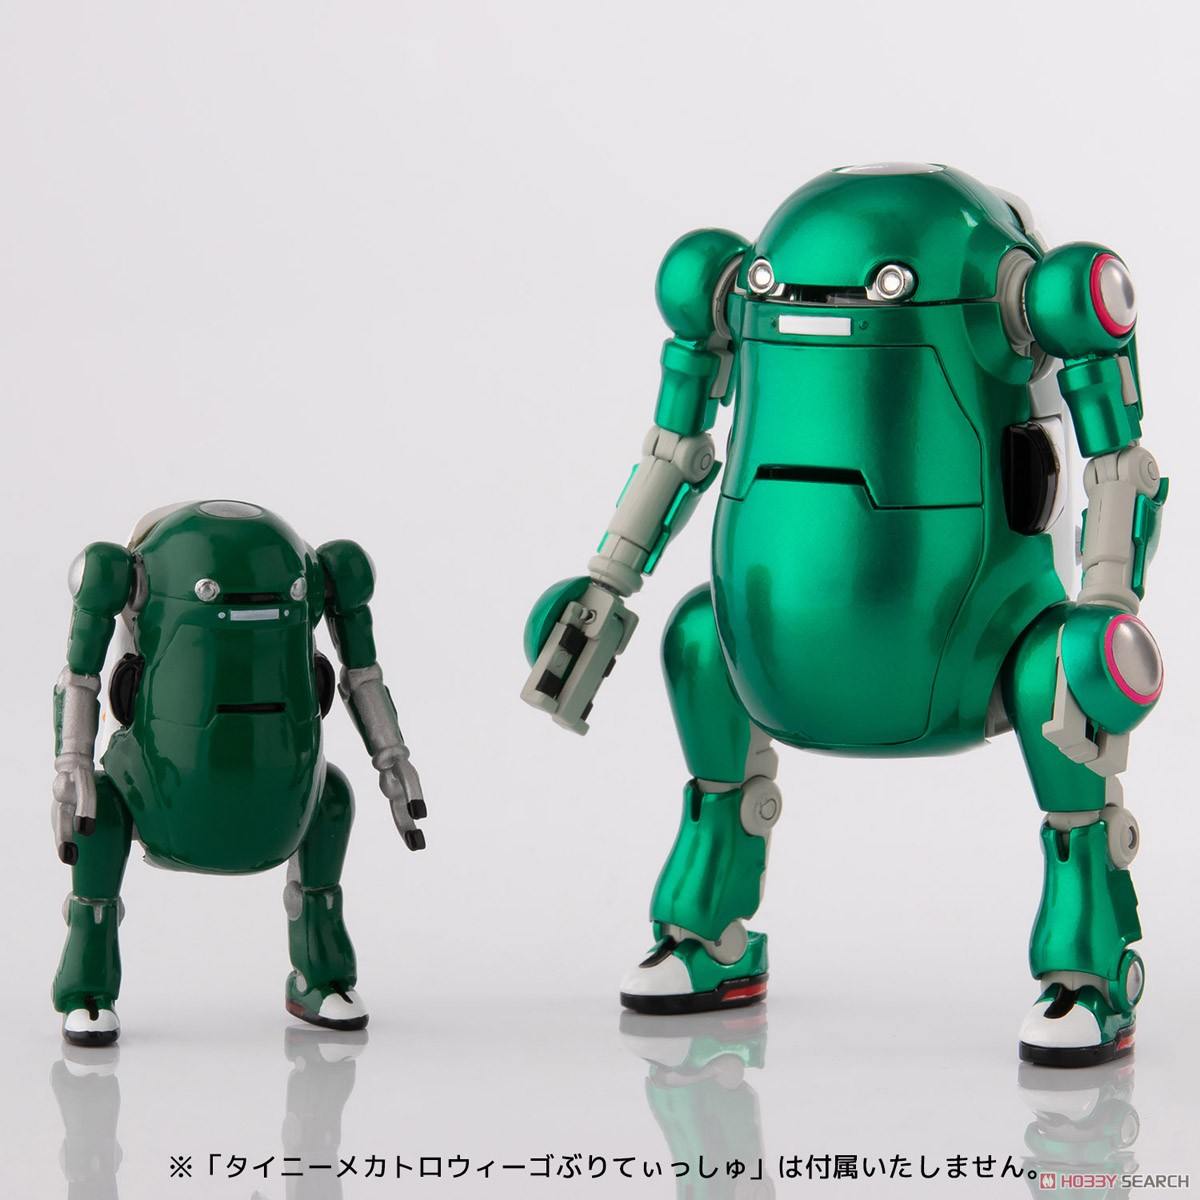 メカトロウィーゴ『35メカトロウィーゴ ねお・ぶりてぃっしゅ』可動フィギュア-008